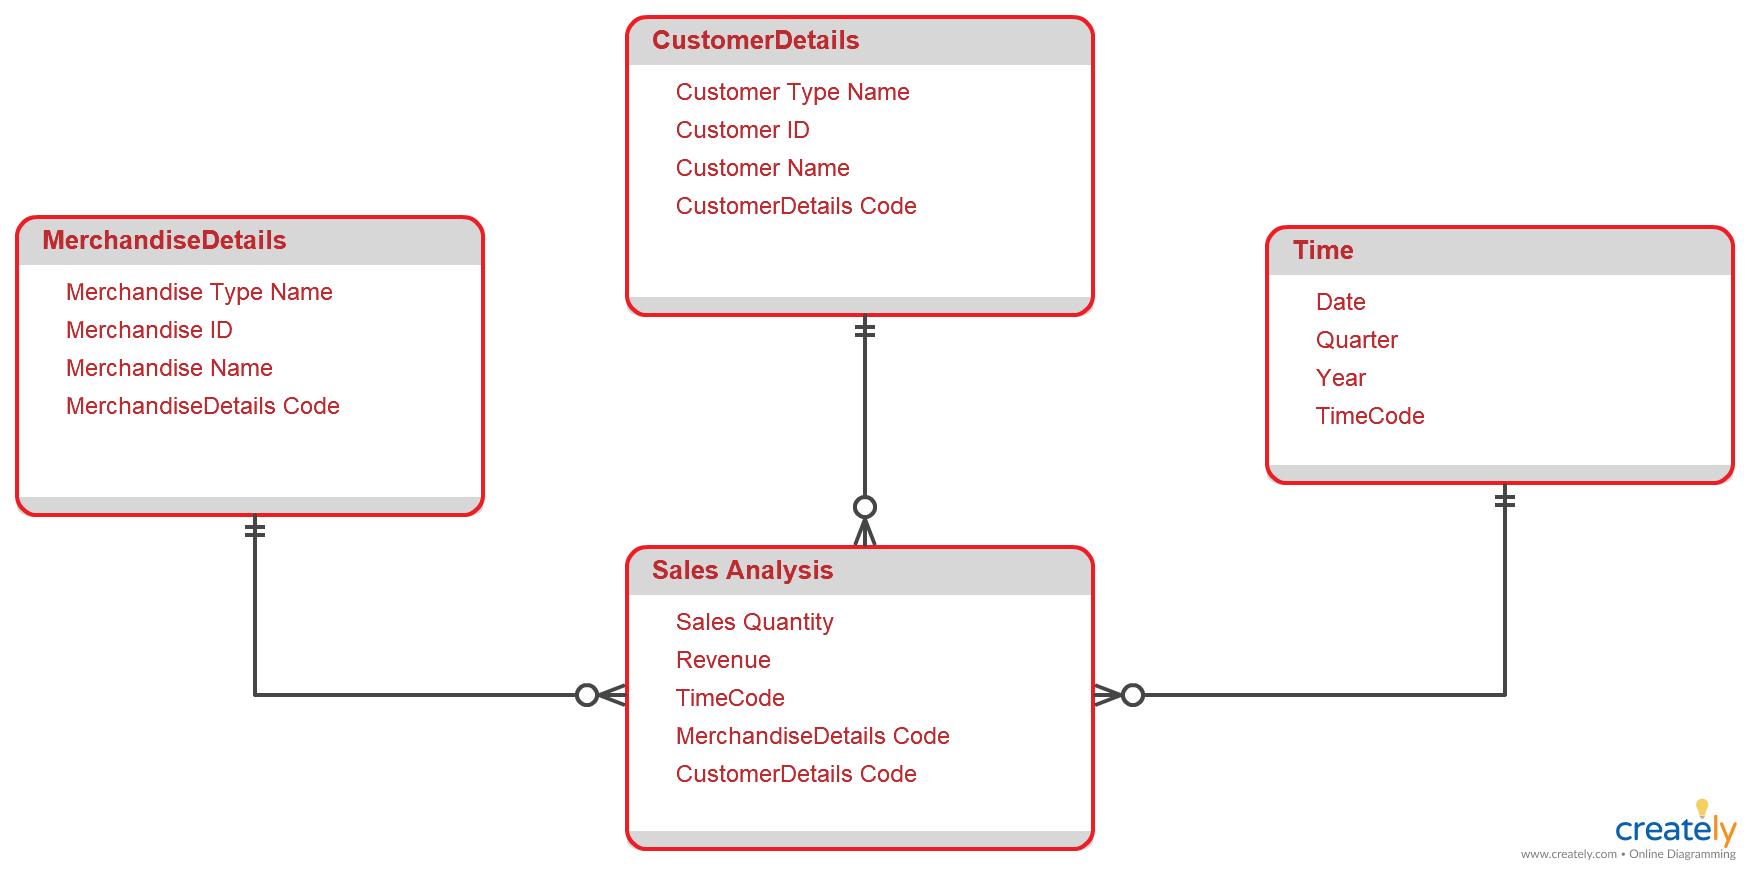 Star Schema Diagram. Star Schema Diagram To Organize Data intended for Draw Schema Diagram